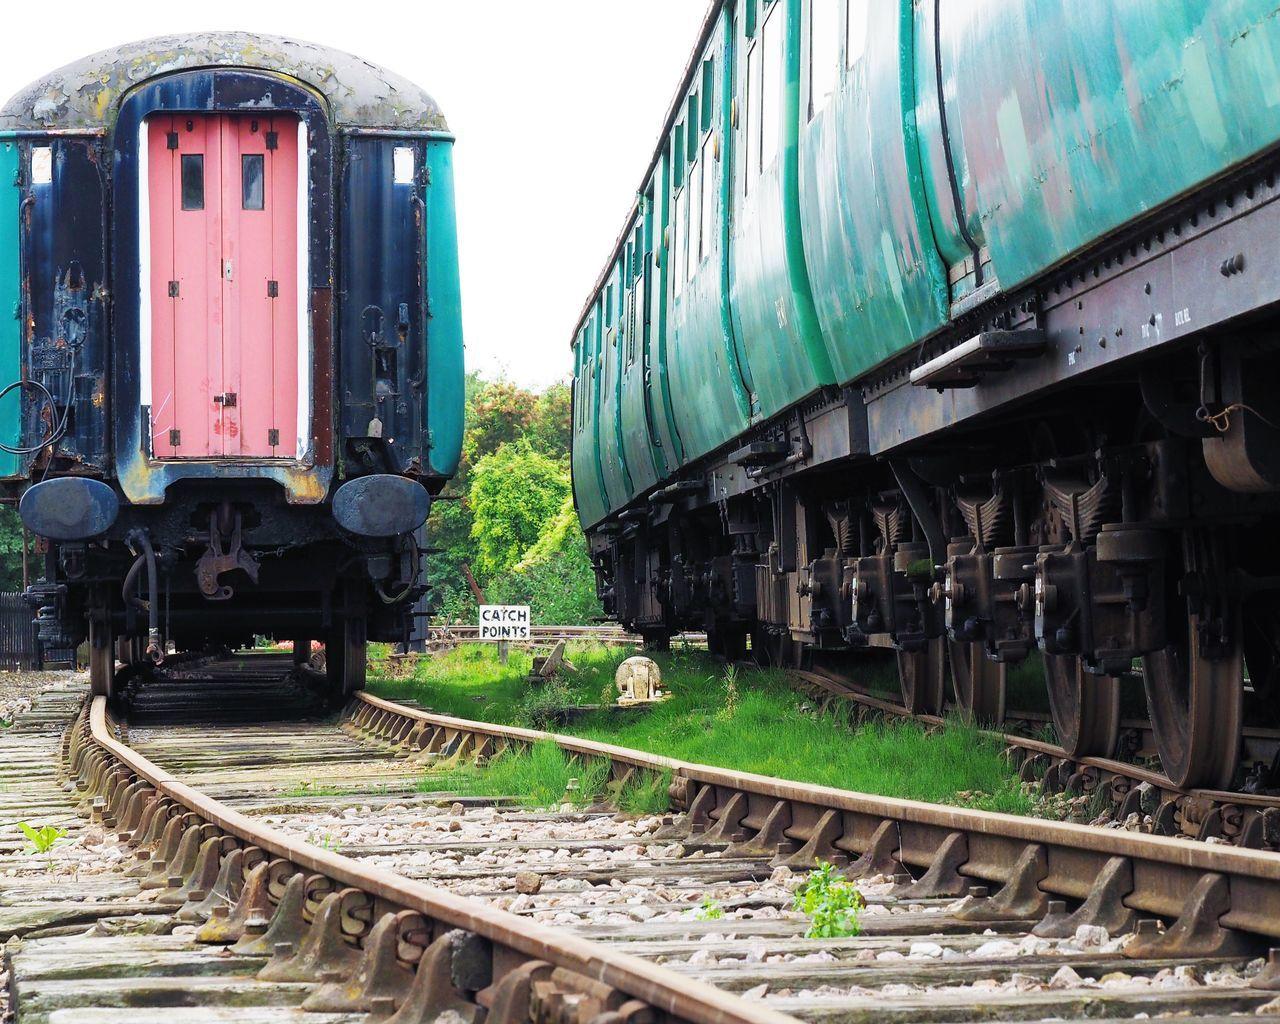 Old Trains On Tracks